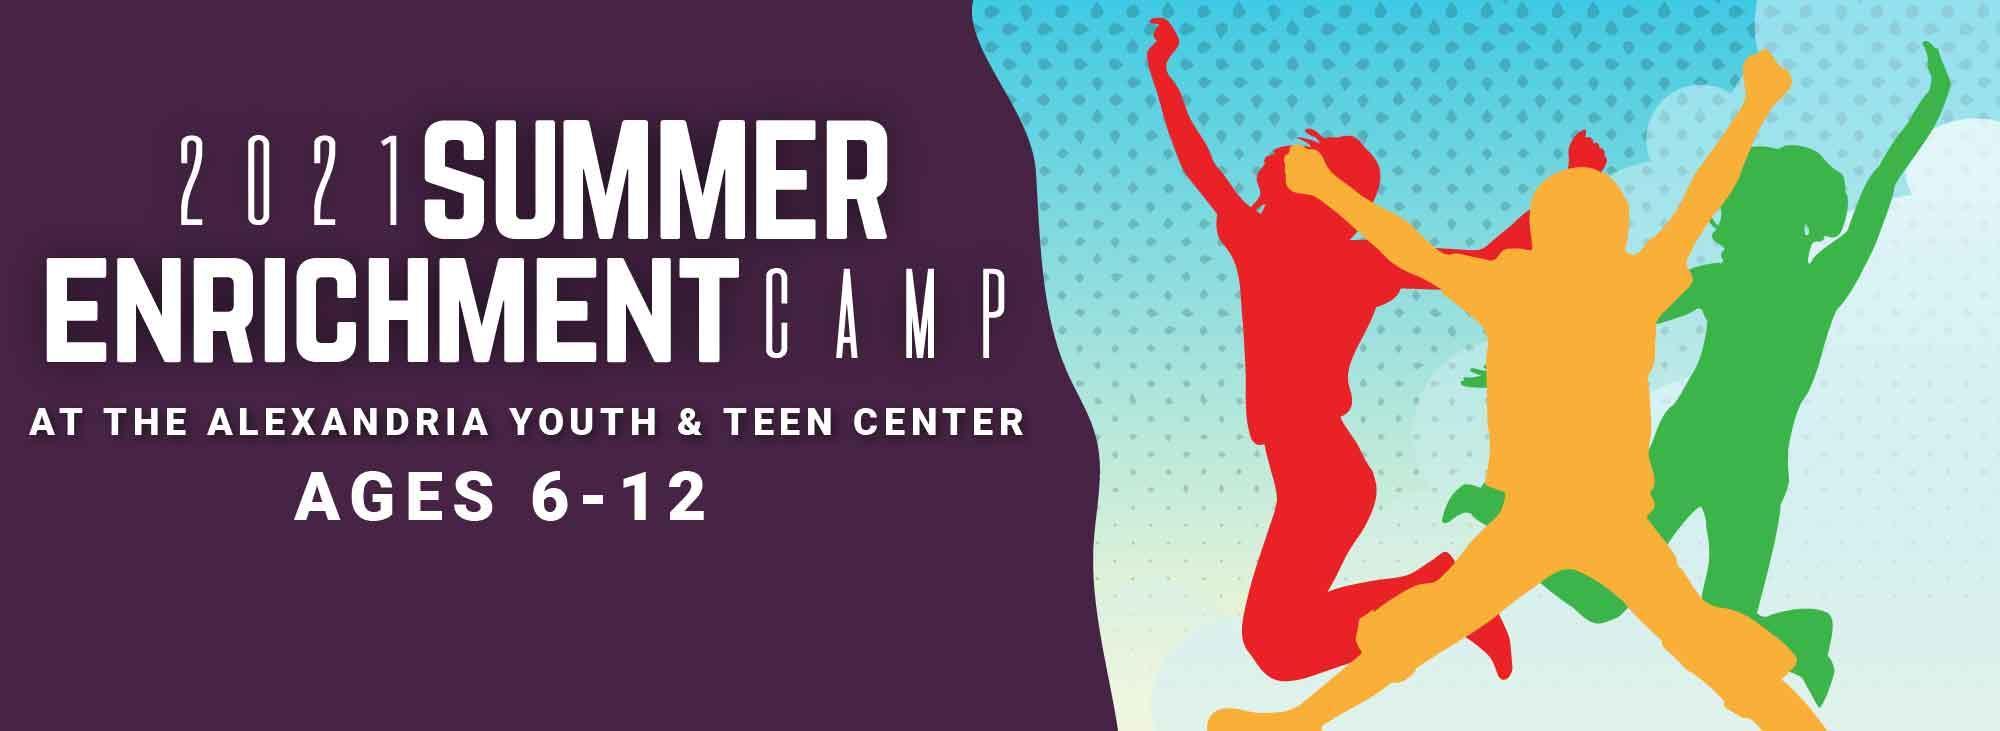 City of Alexandria - Summer Enrichment Camp - Louisiana